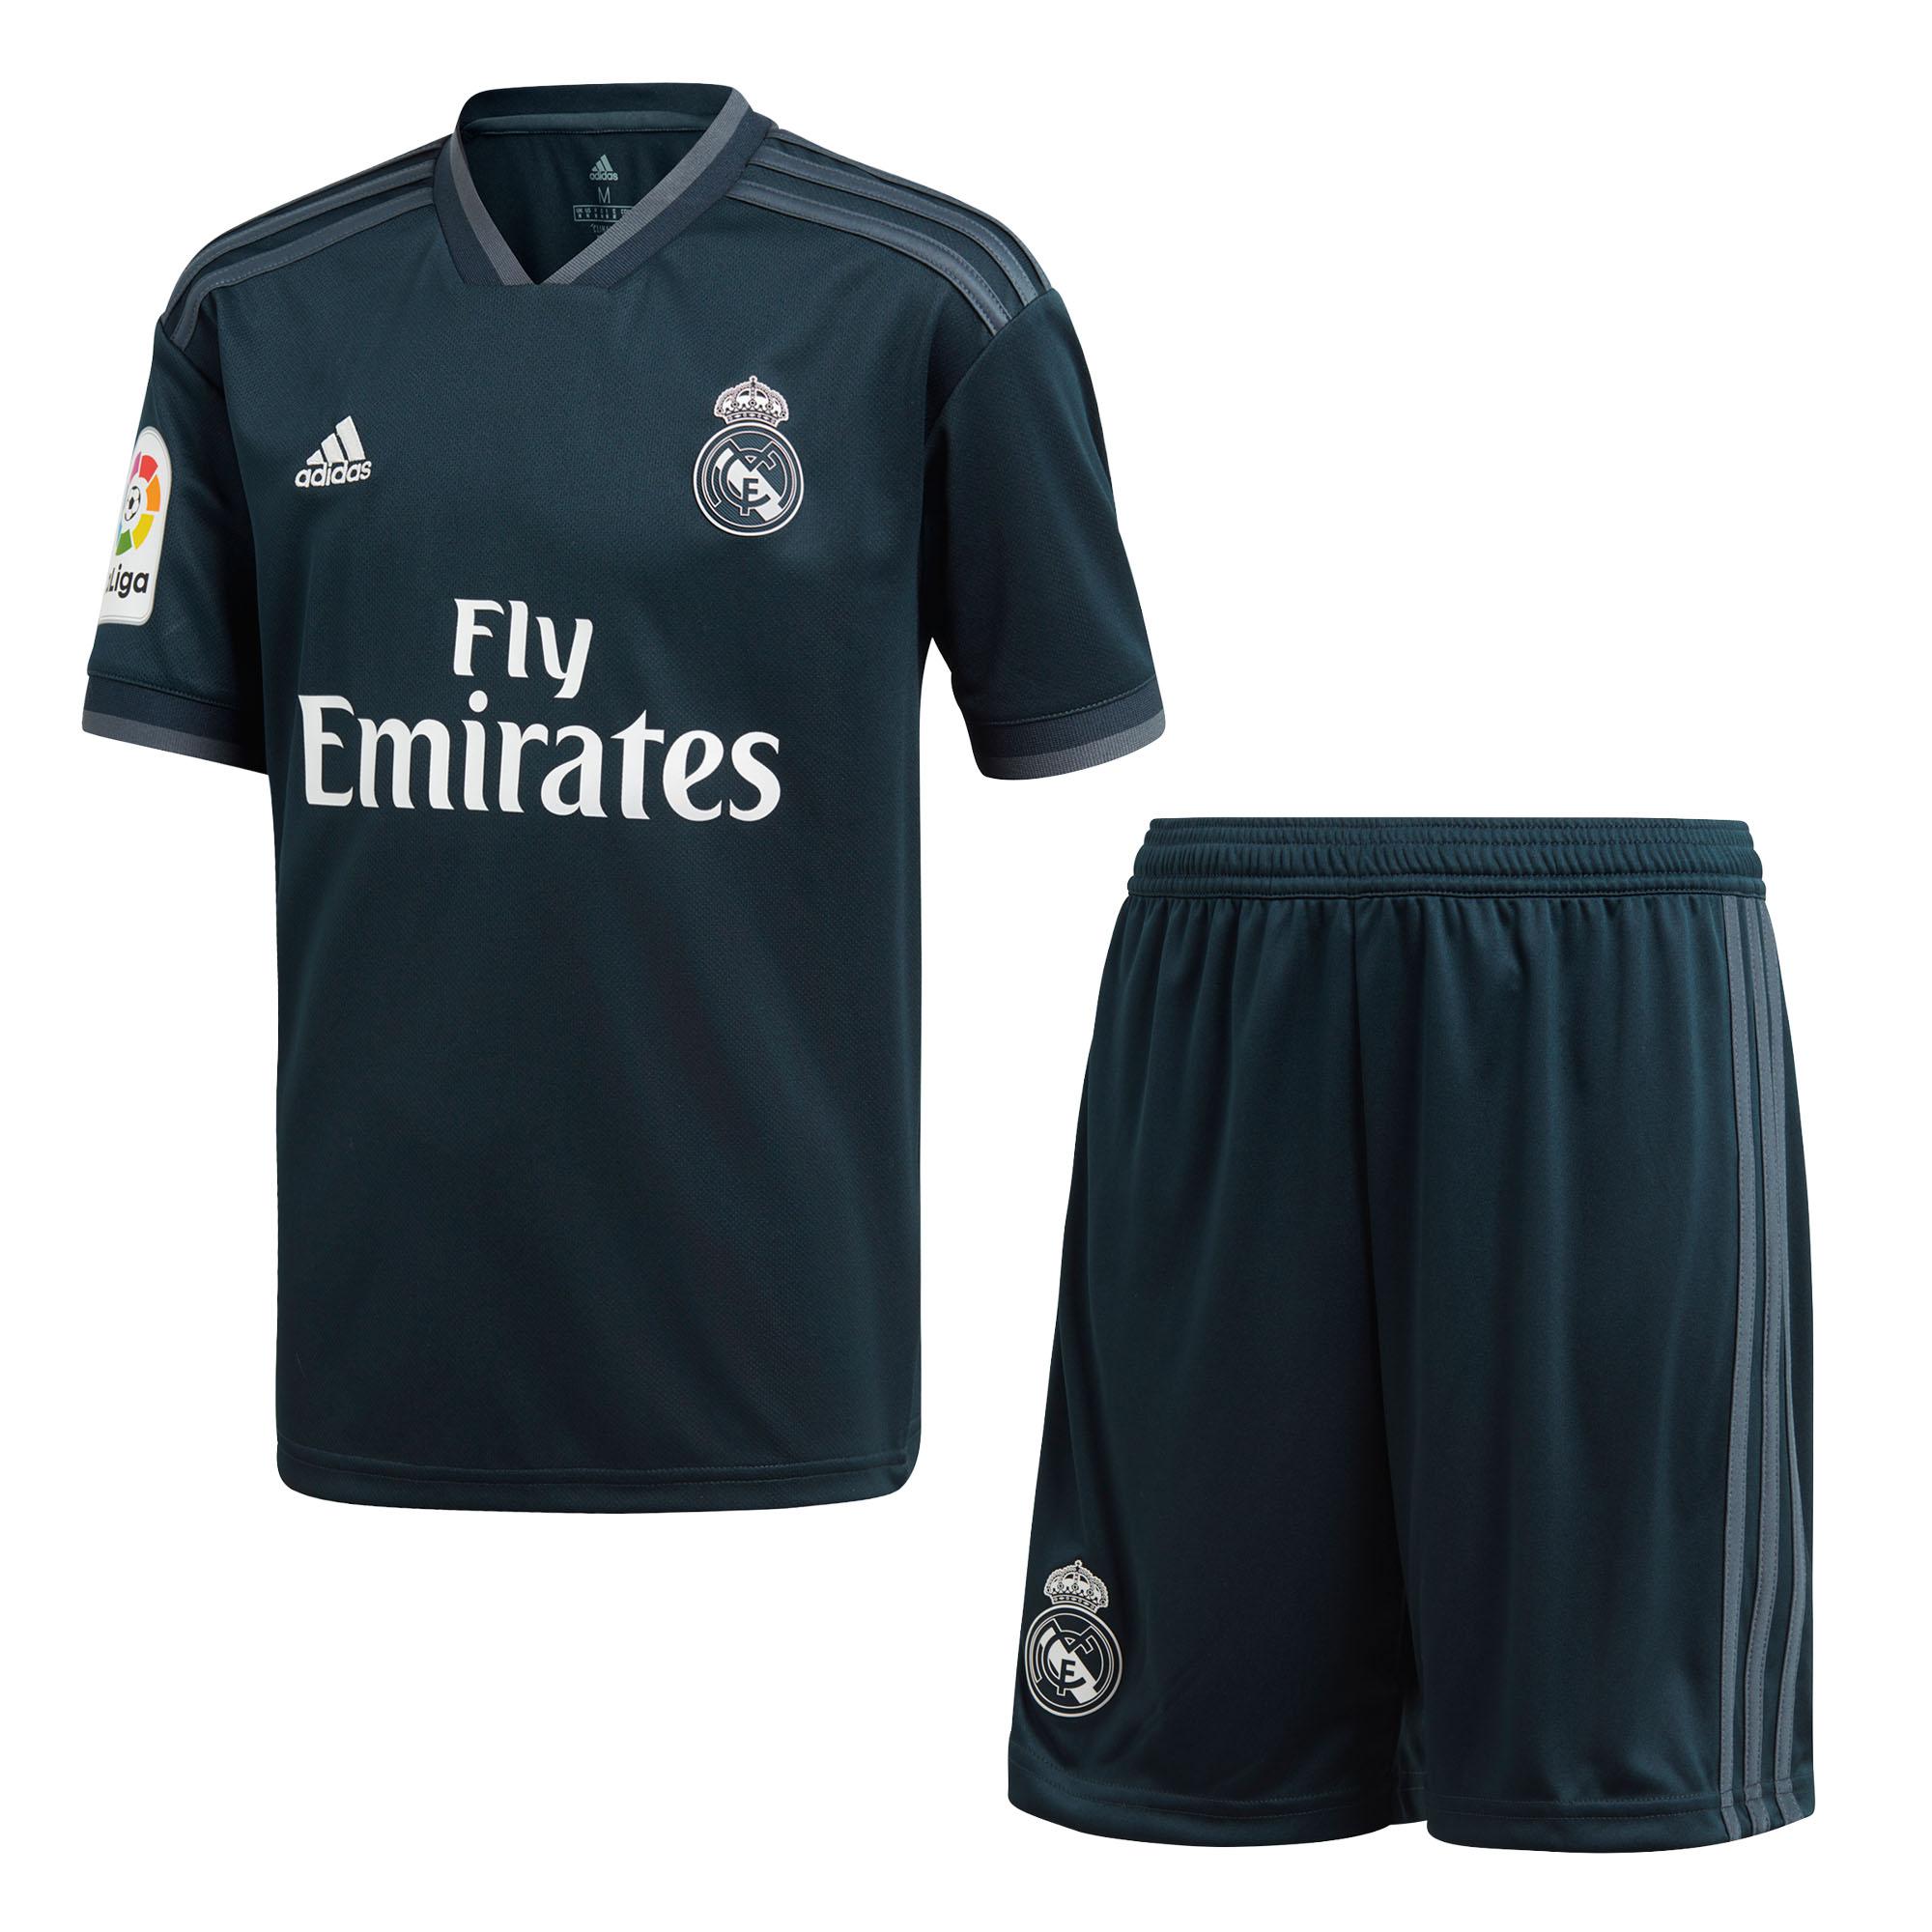 Adidas Real Madrid 2018 19 Niño Away la Liga Equipo Fútbol Juego ... aa653d45d0cd5